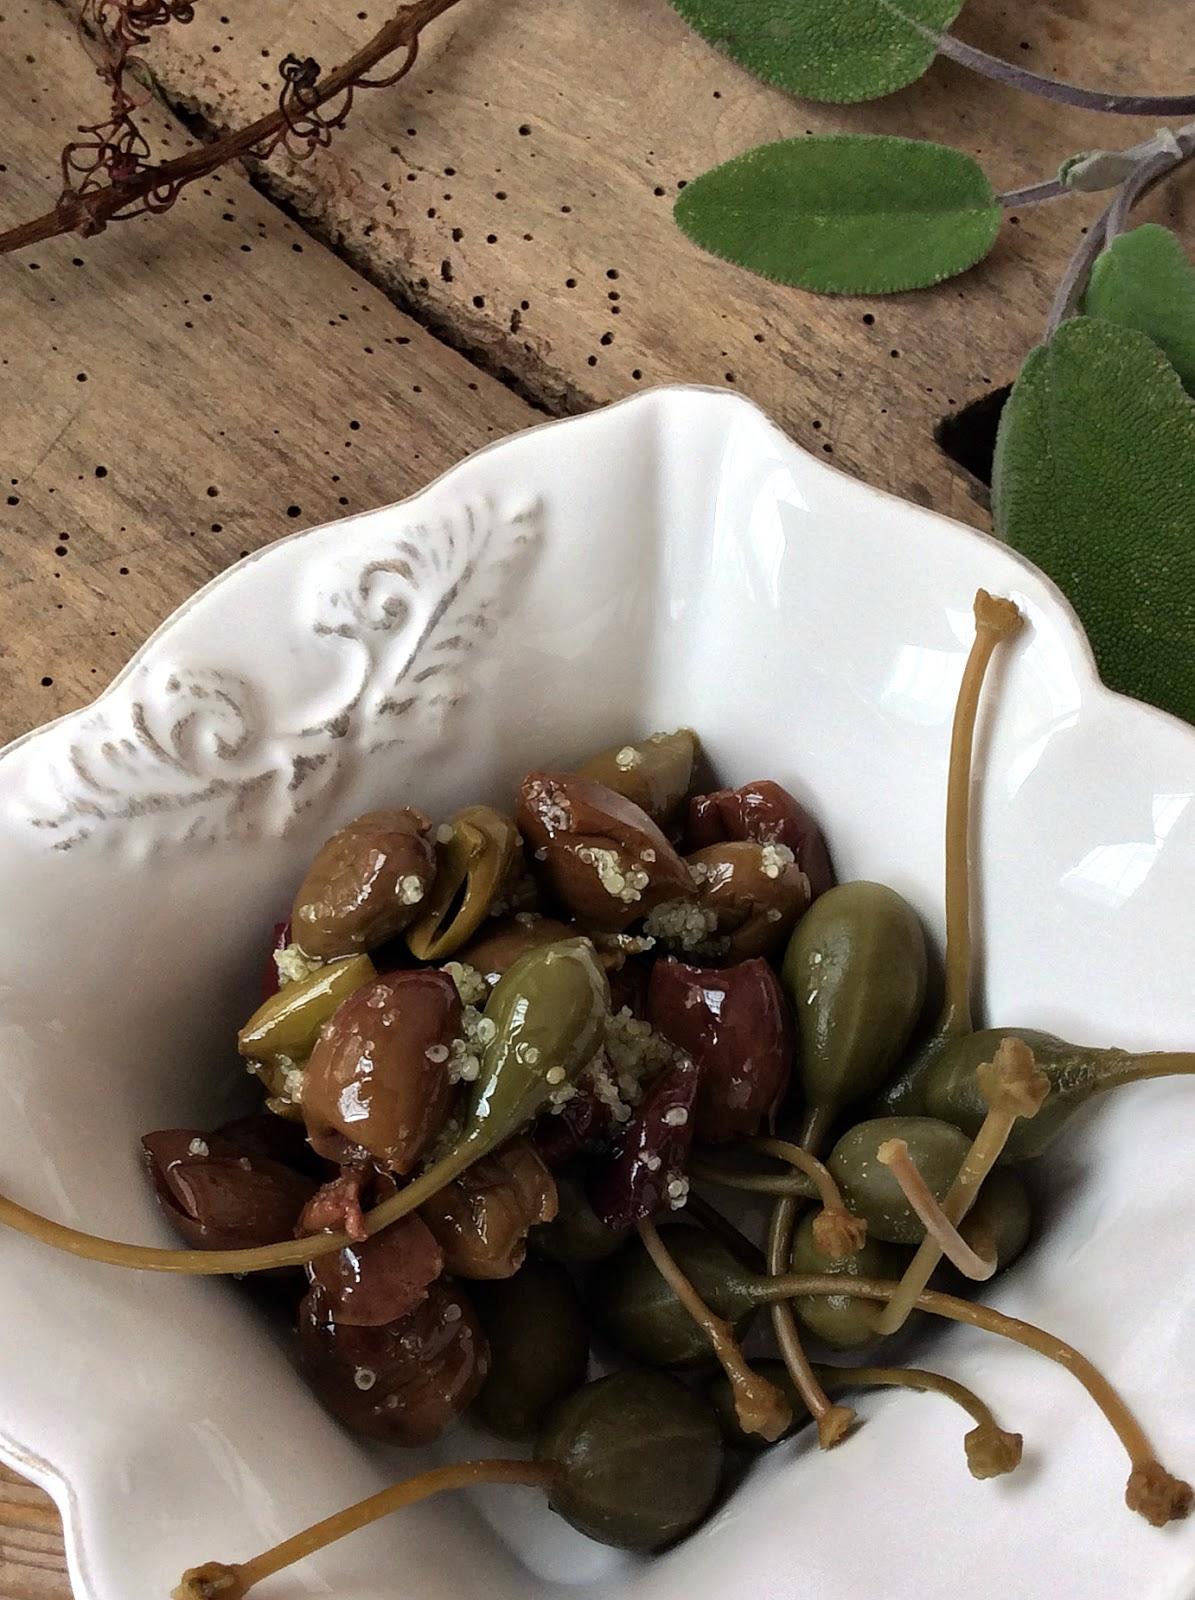 cucunci e olive taggiasche